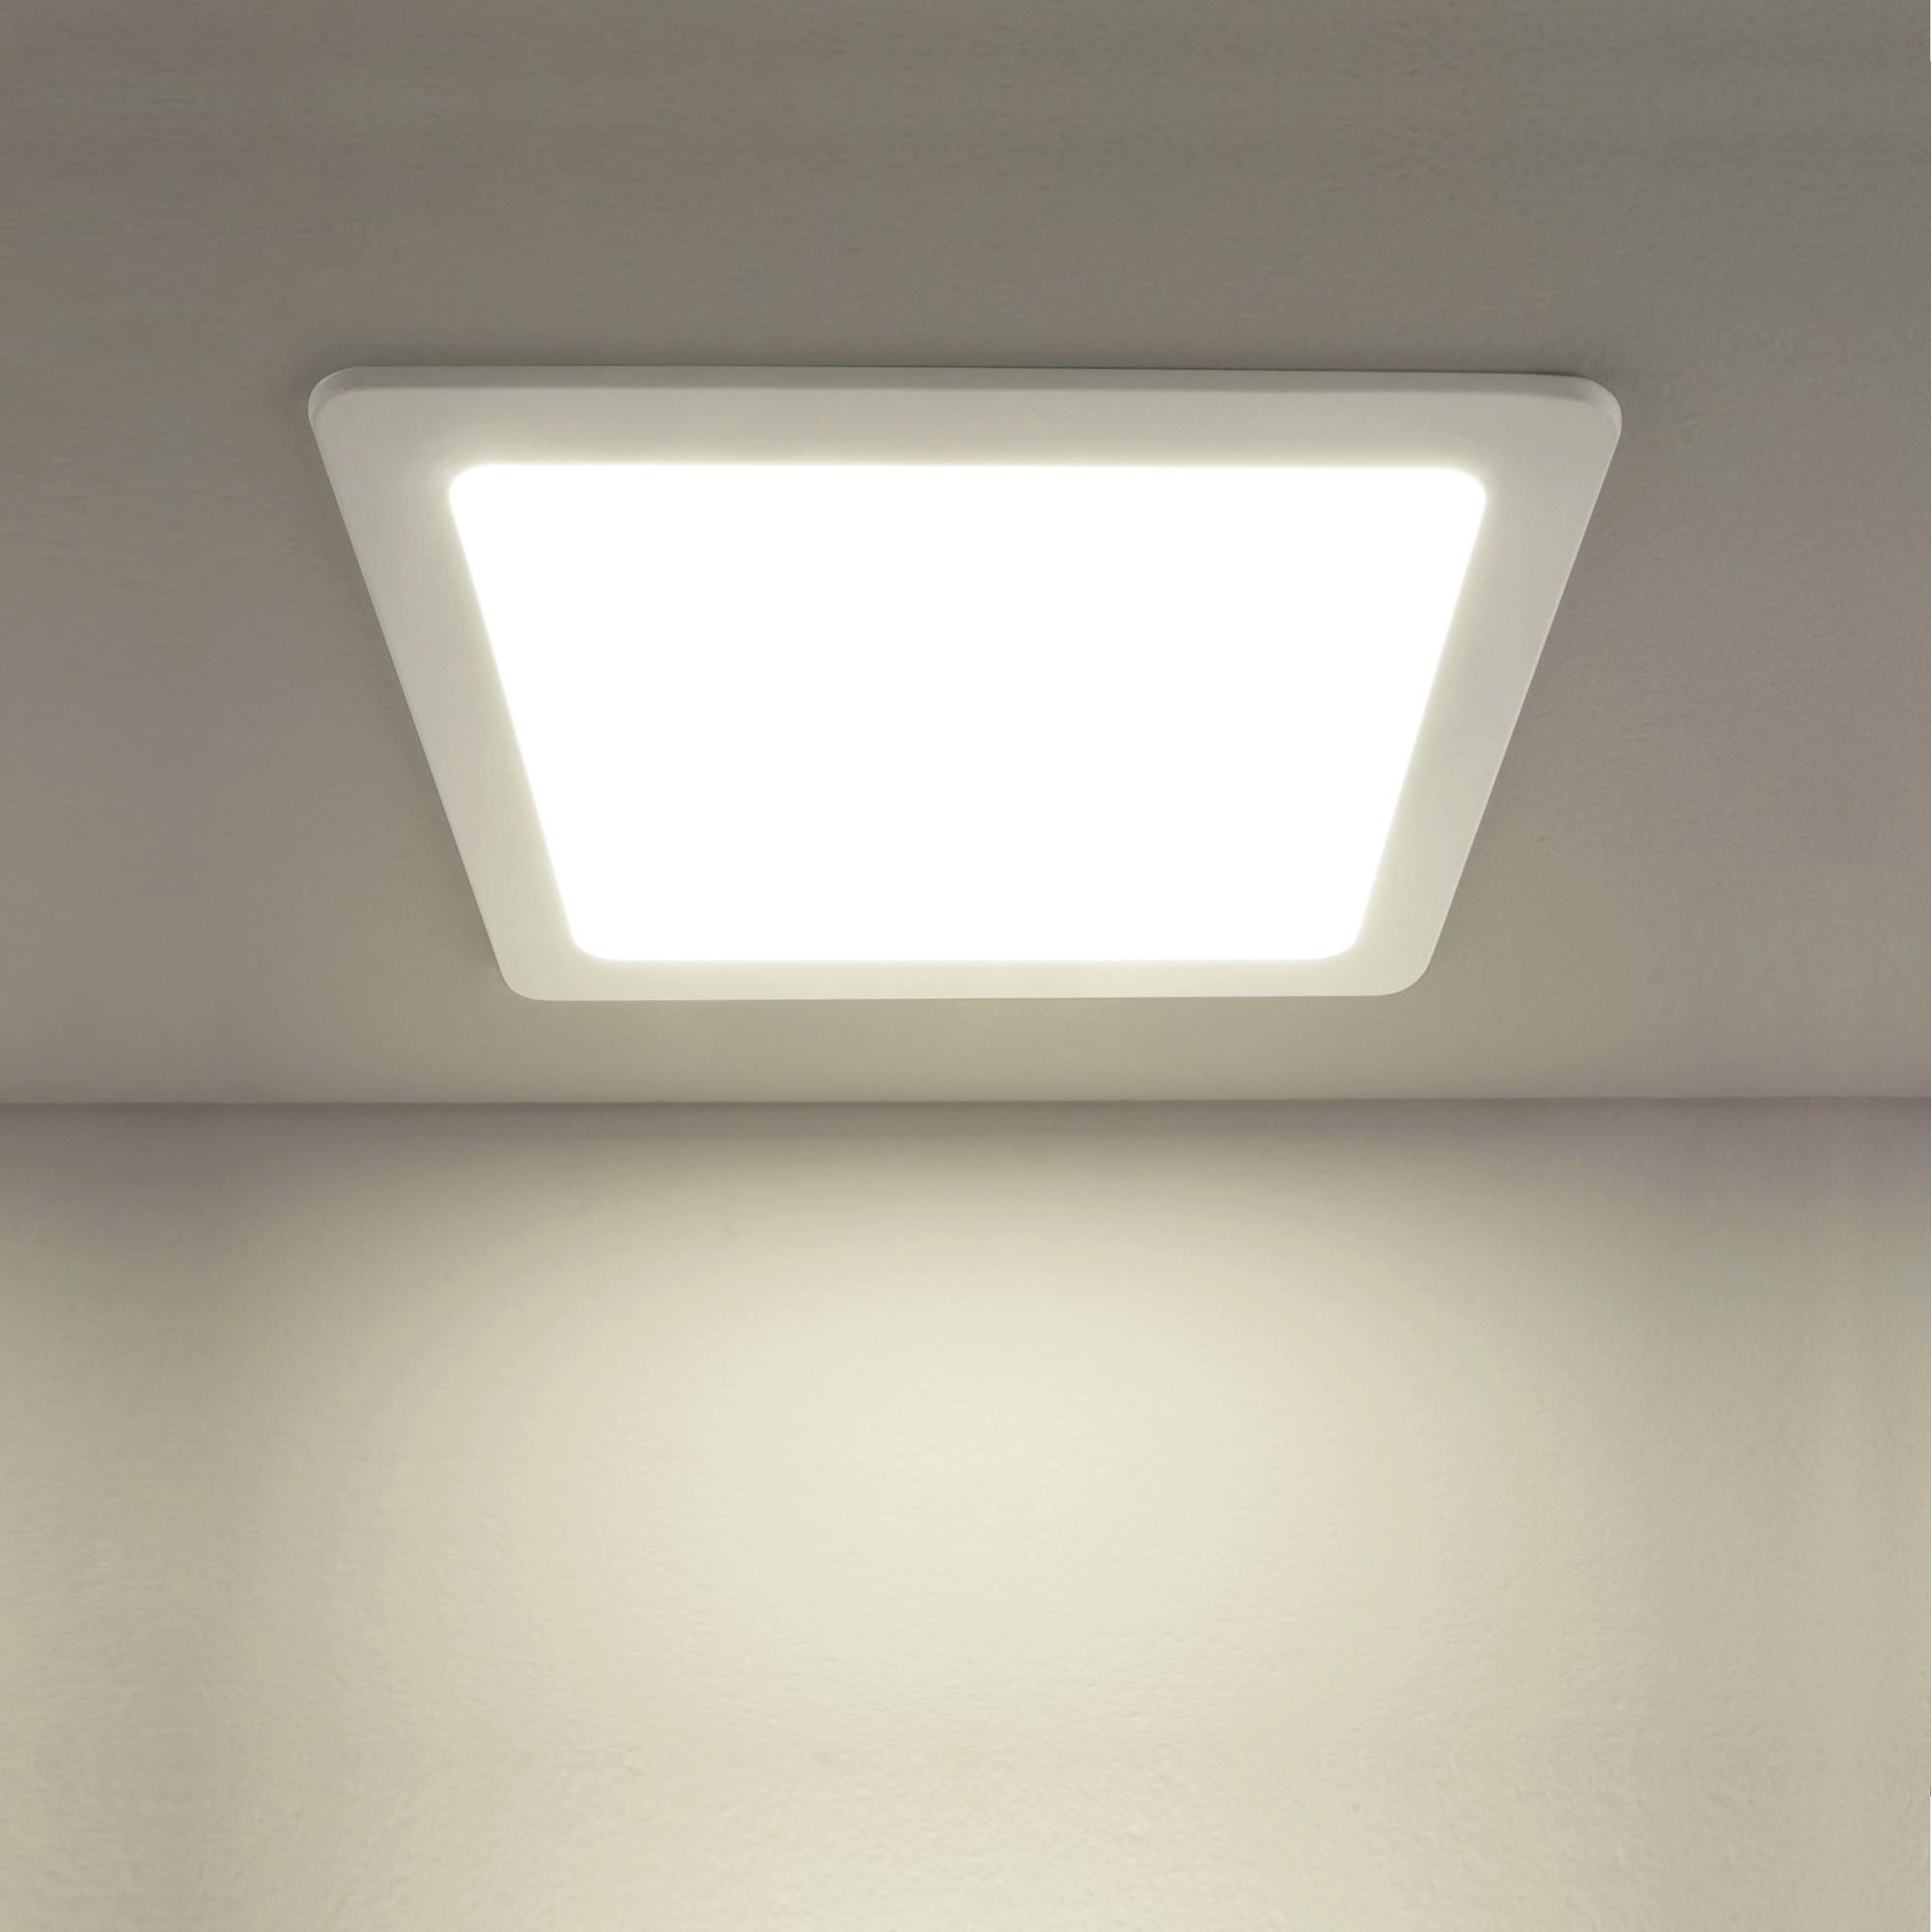 Фото Встраиваемый светильник Downlight a034918